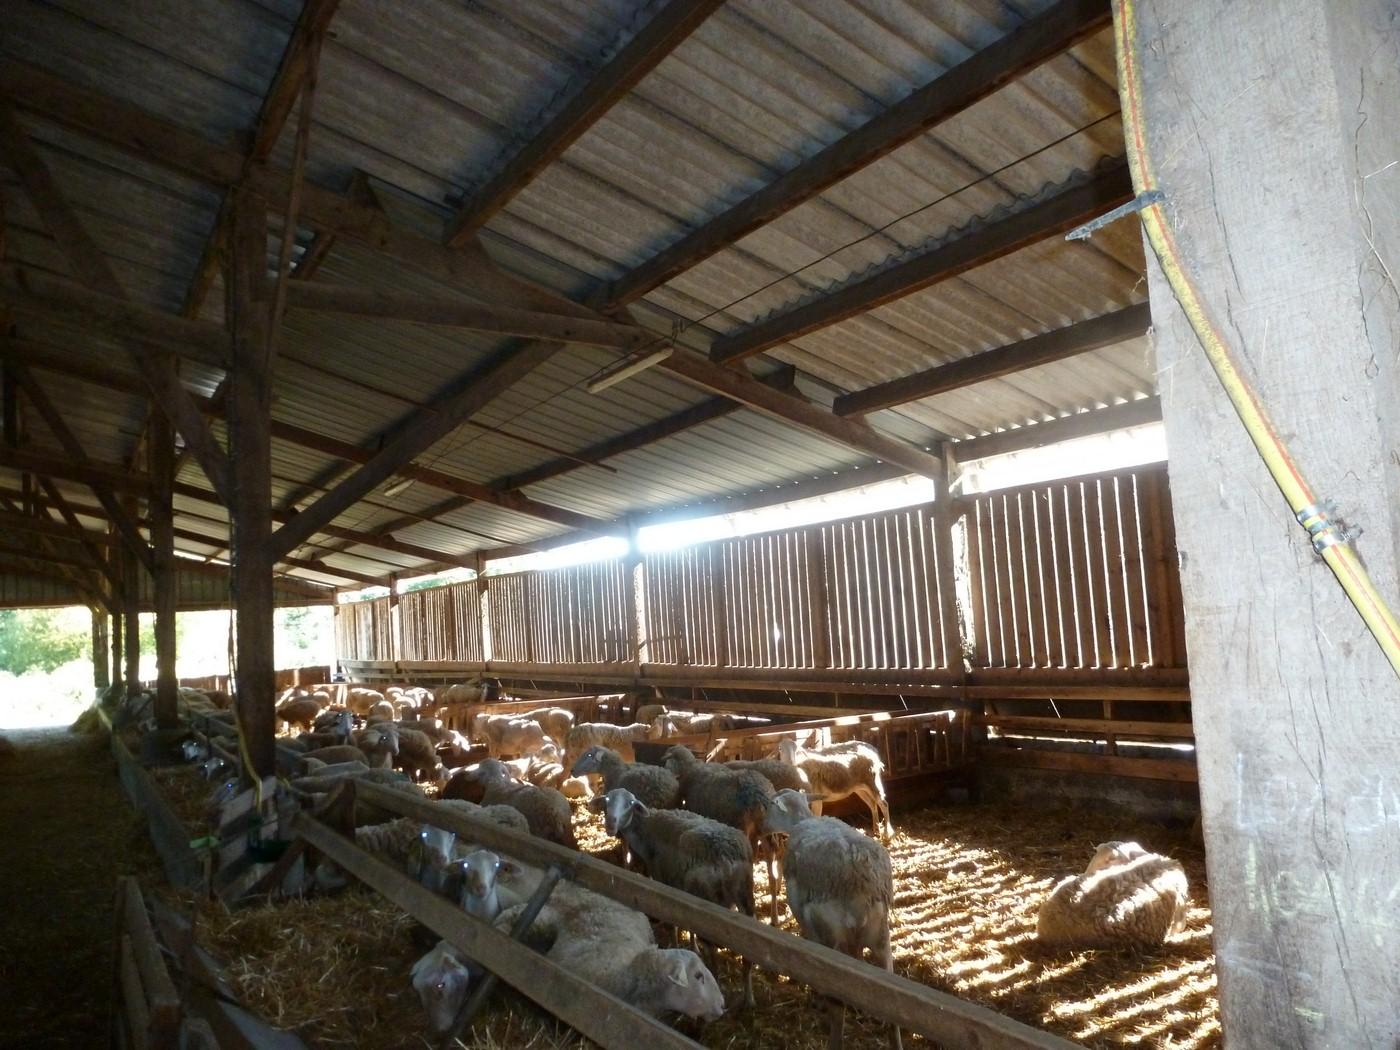 Ibb ovins lait bio en bretagne une fili re peu for Chambre agriculture bretagne